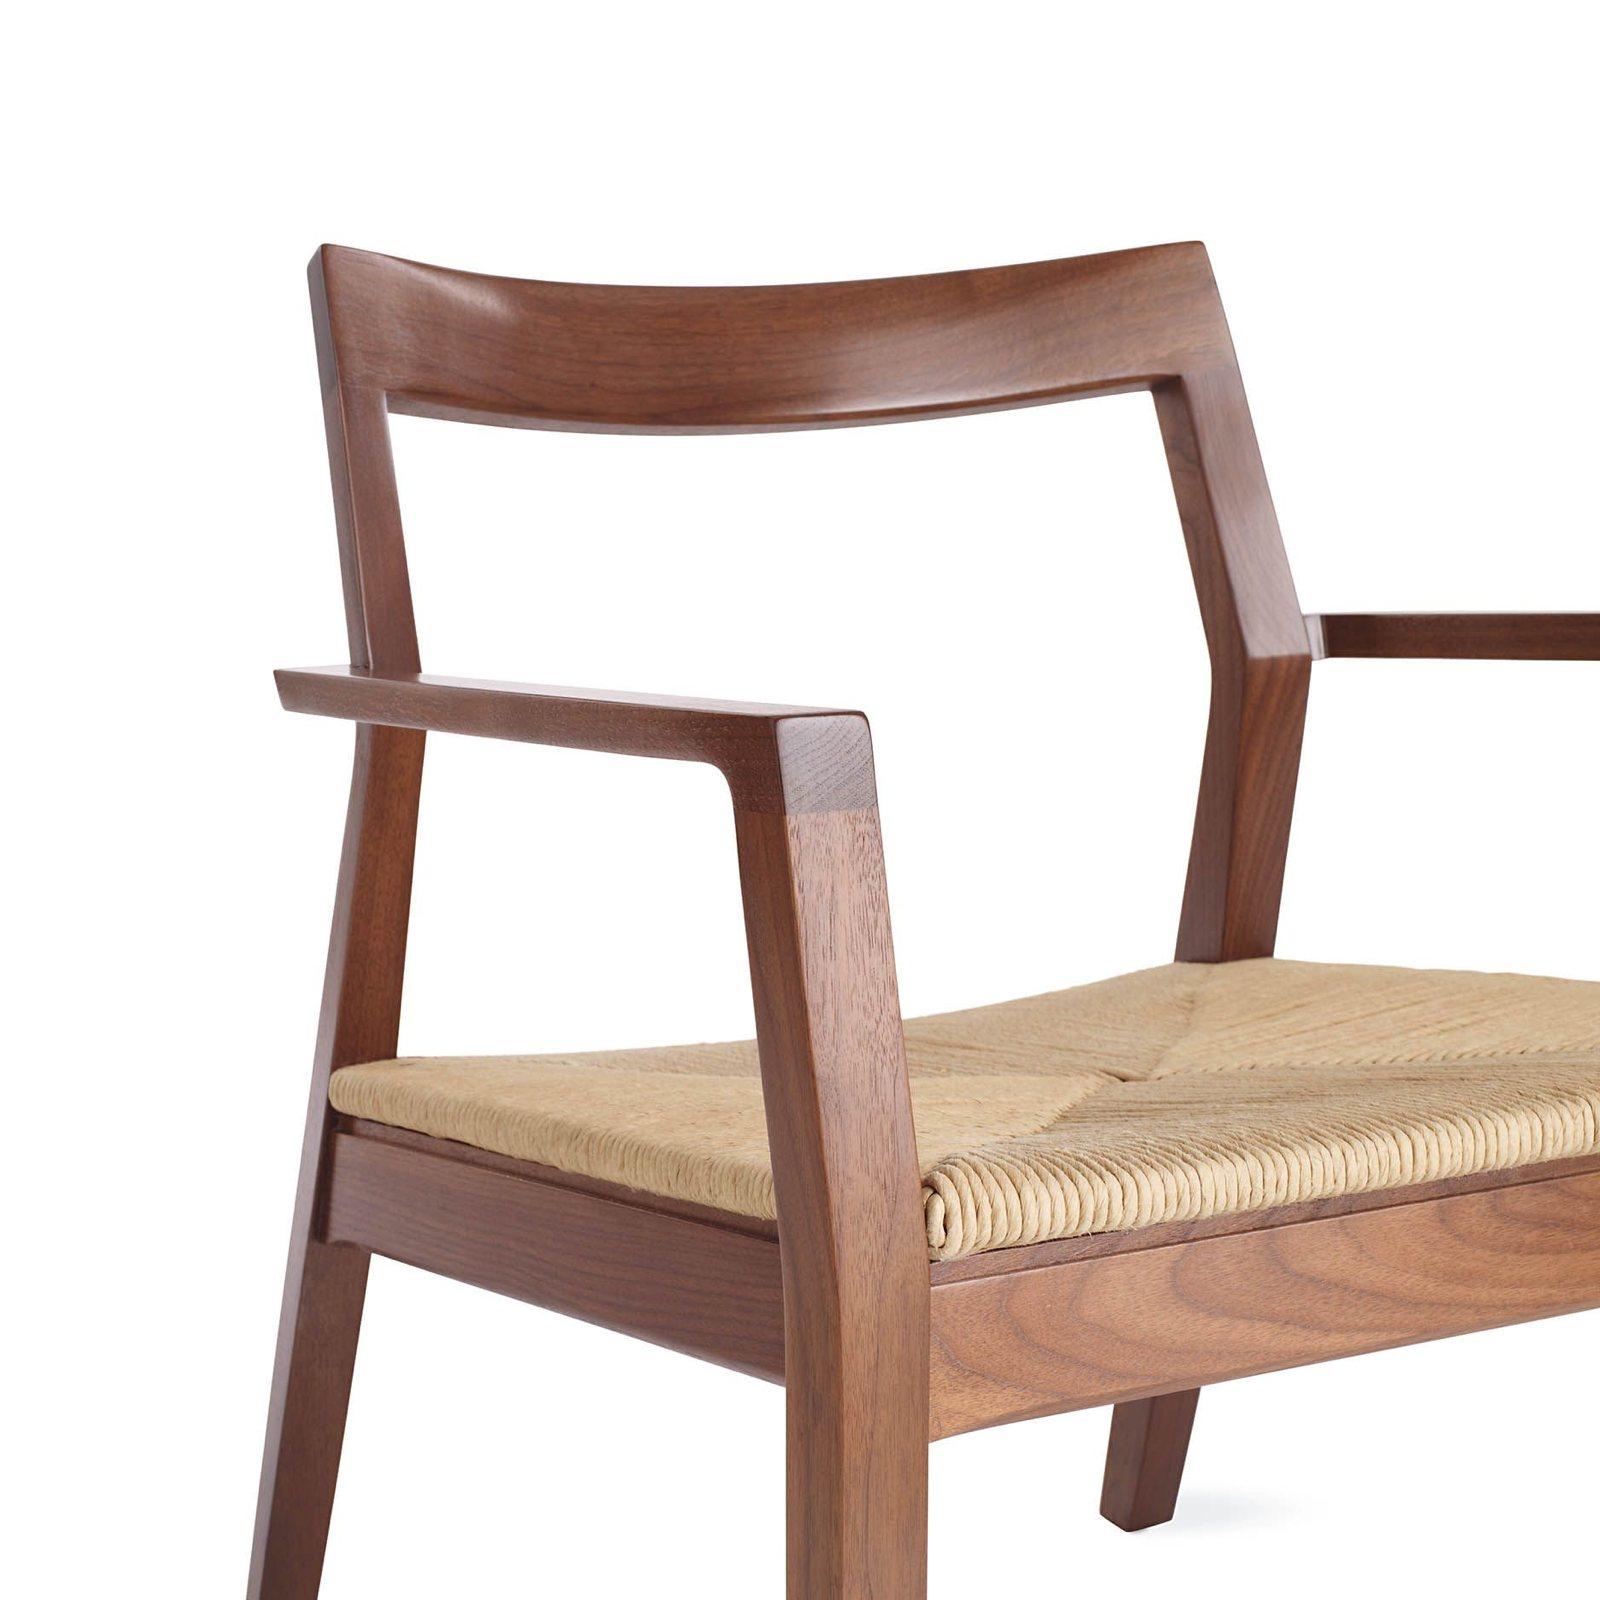 Enjoyable Knoll Krusin Lounge Arm Chair Creativecarmelina Interior Chair Design Creativecarmelinacom